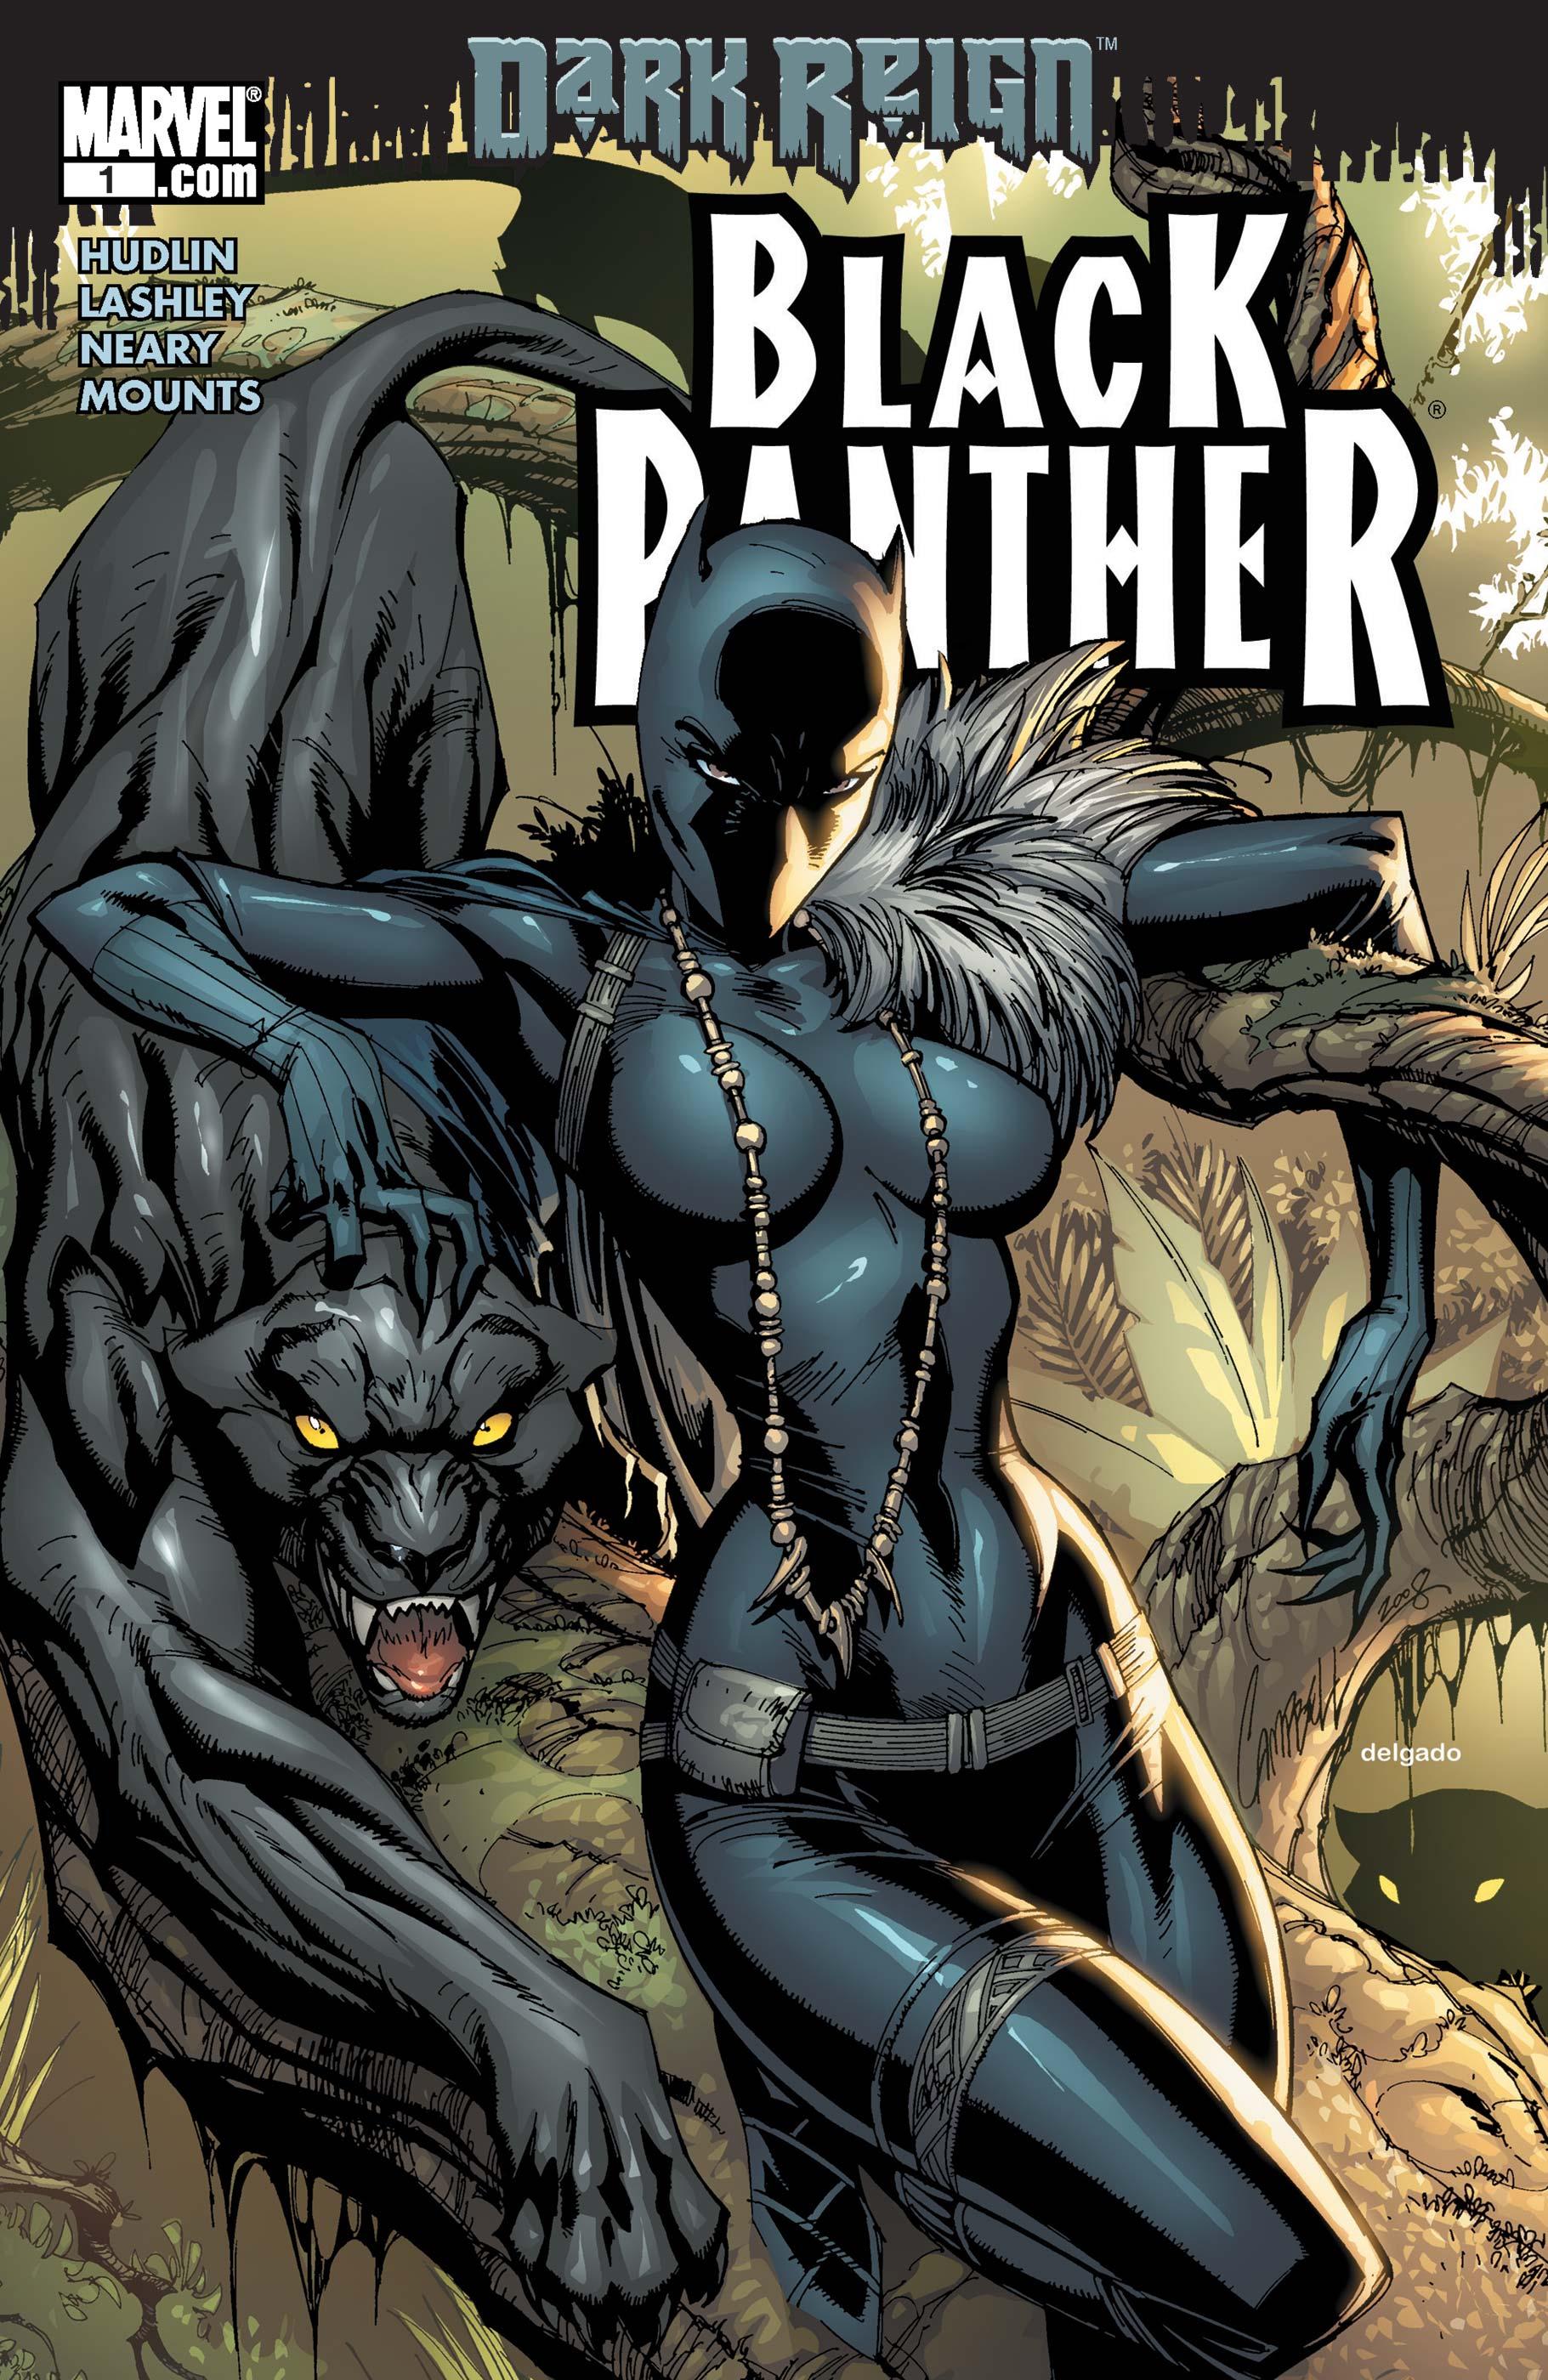 Black Panther (2009) #1